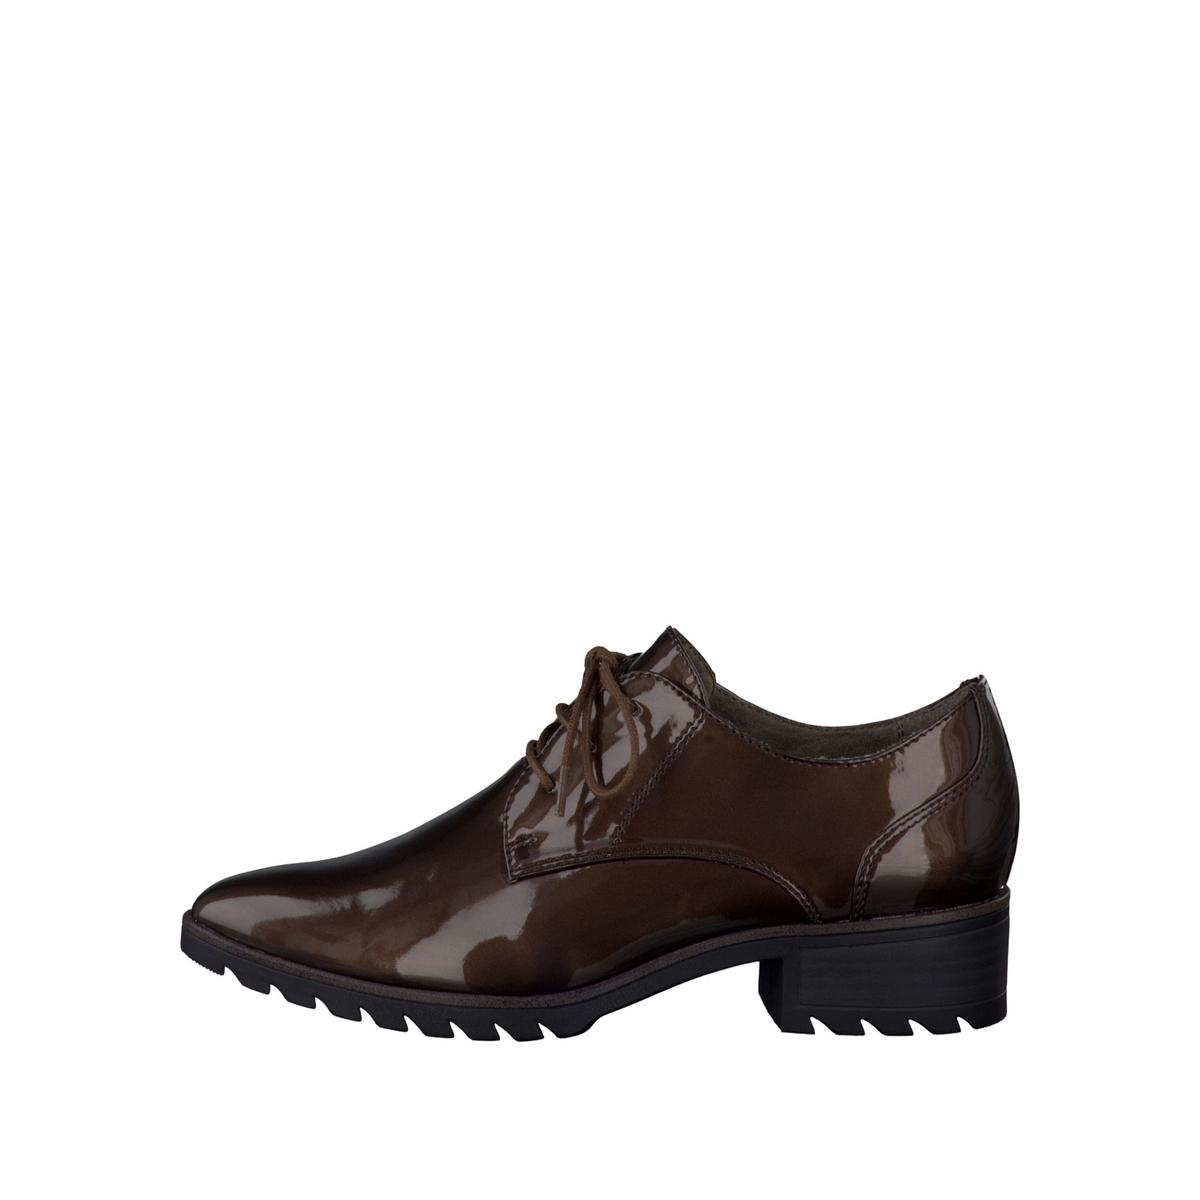 Ботинки-дерби синтетические